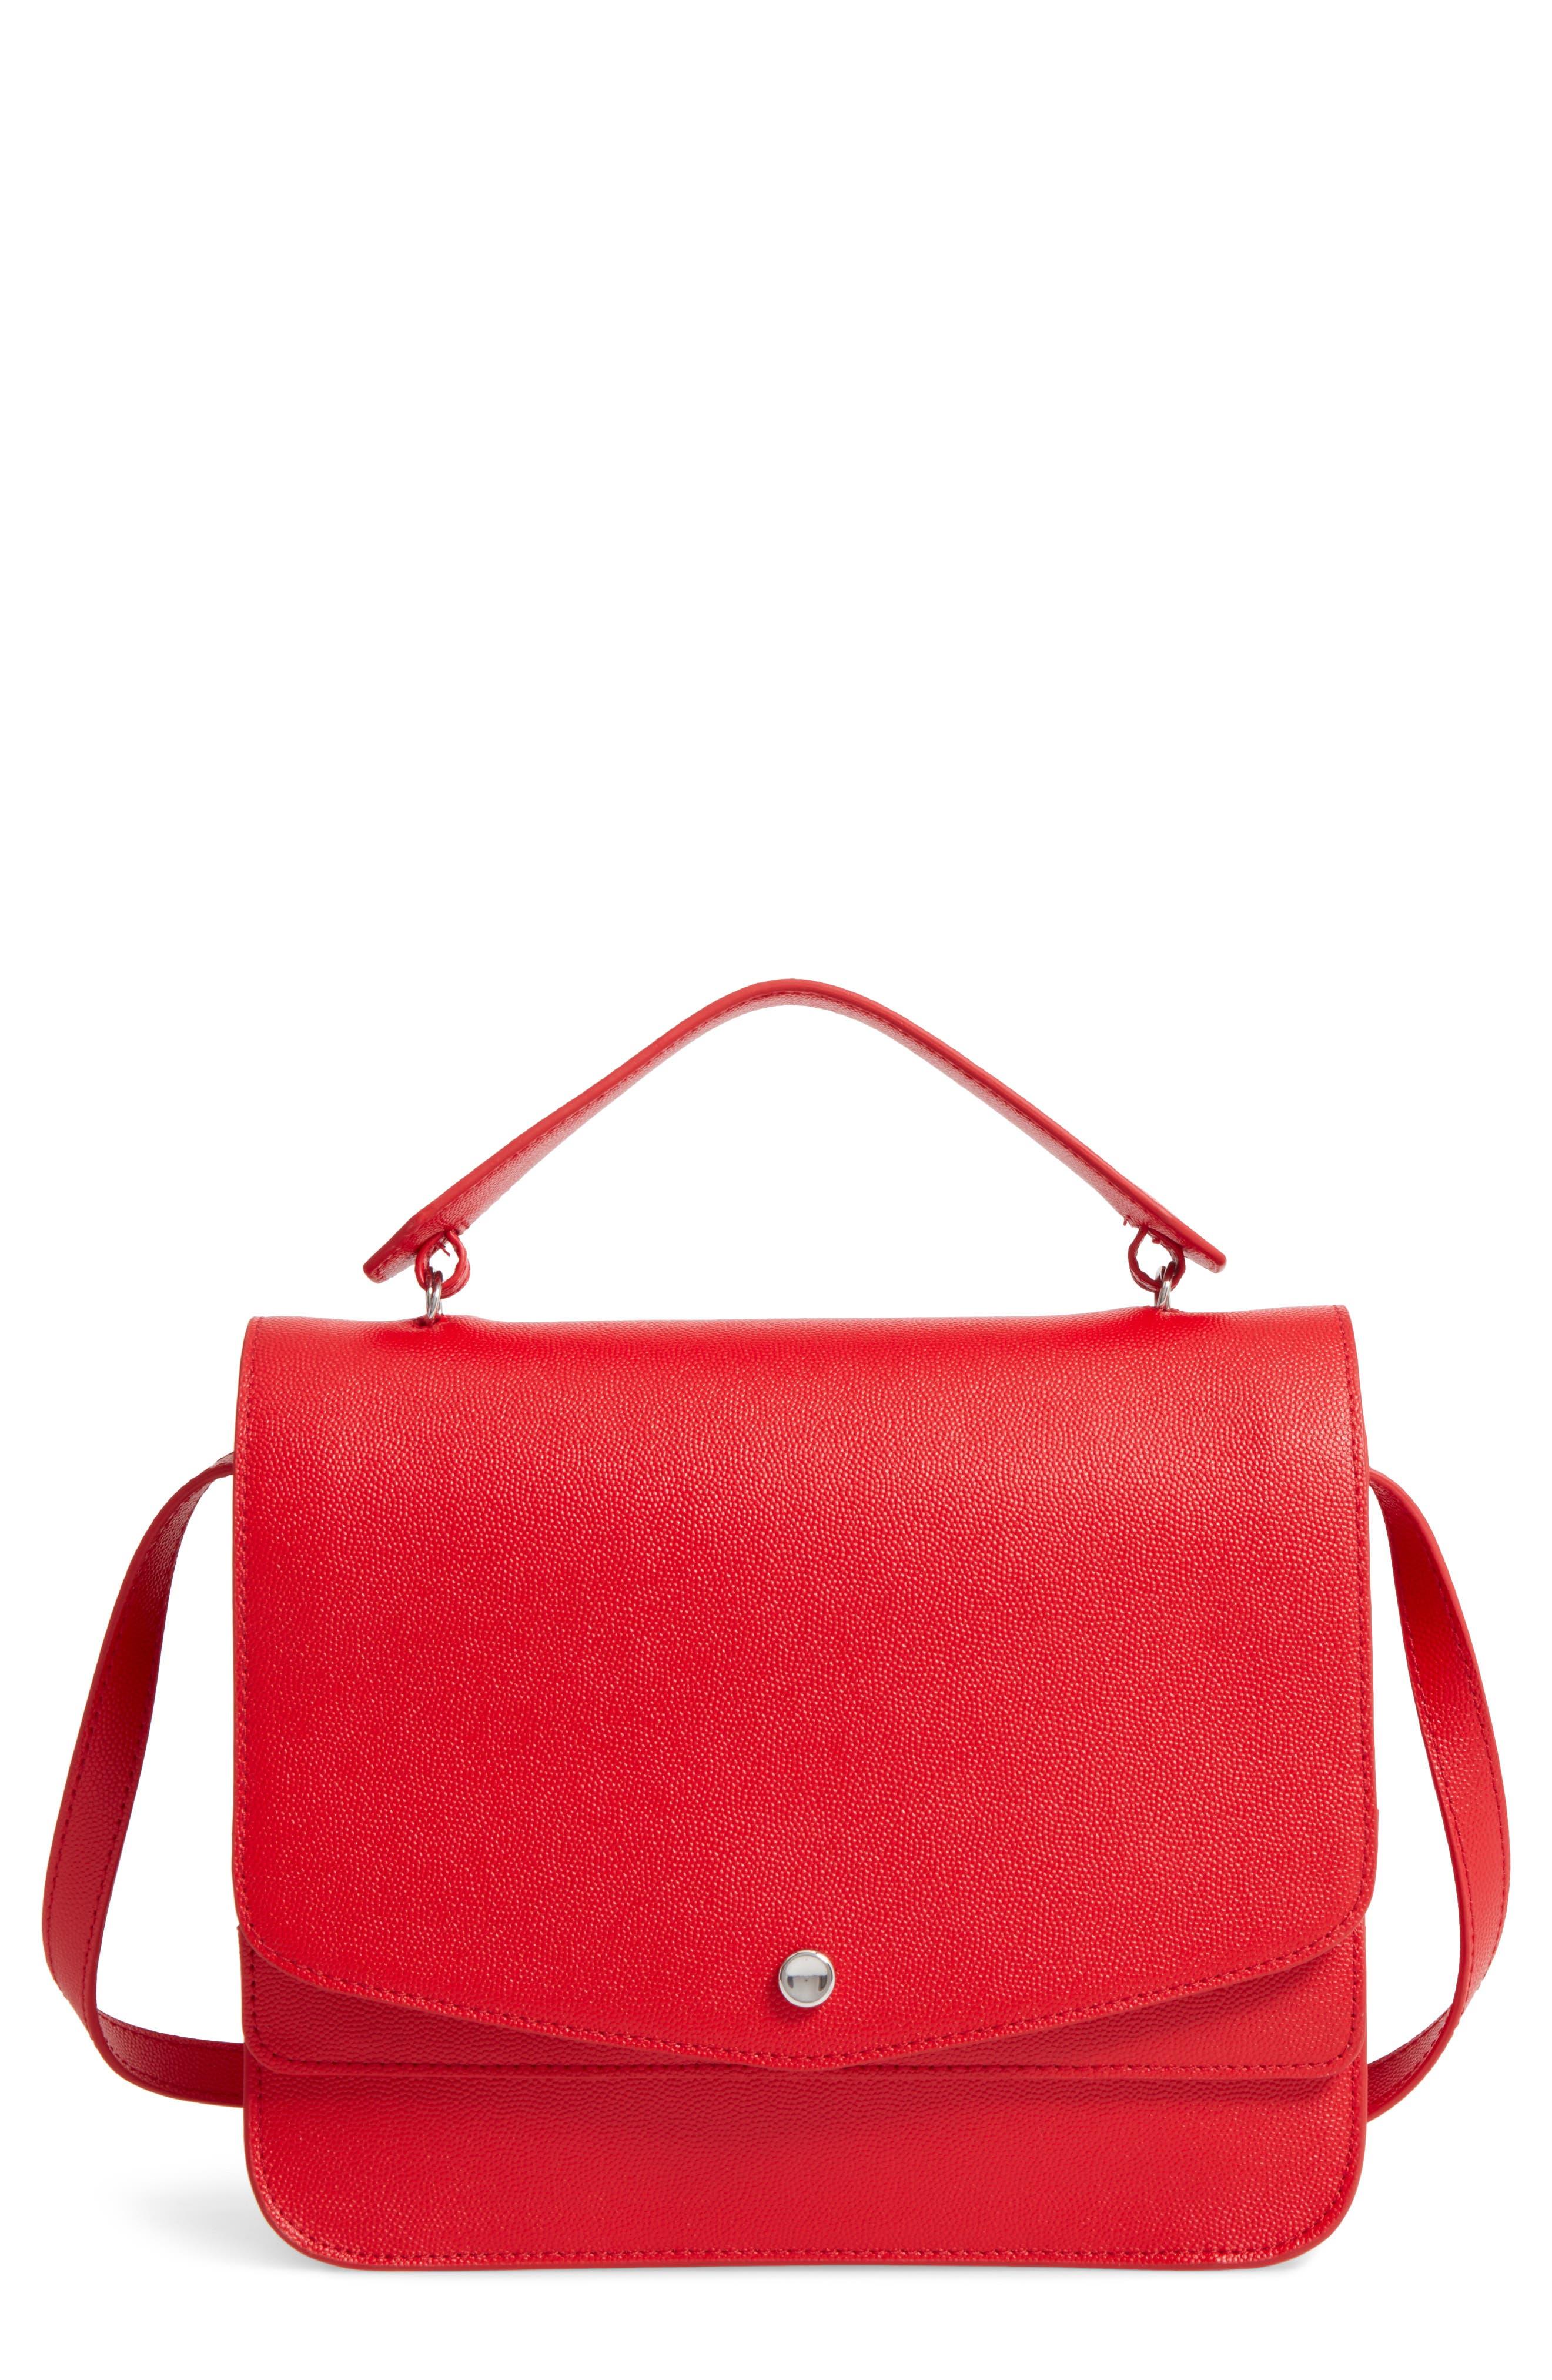 Elizabeth & James Eloise Leather Shoulder Bag